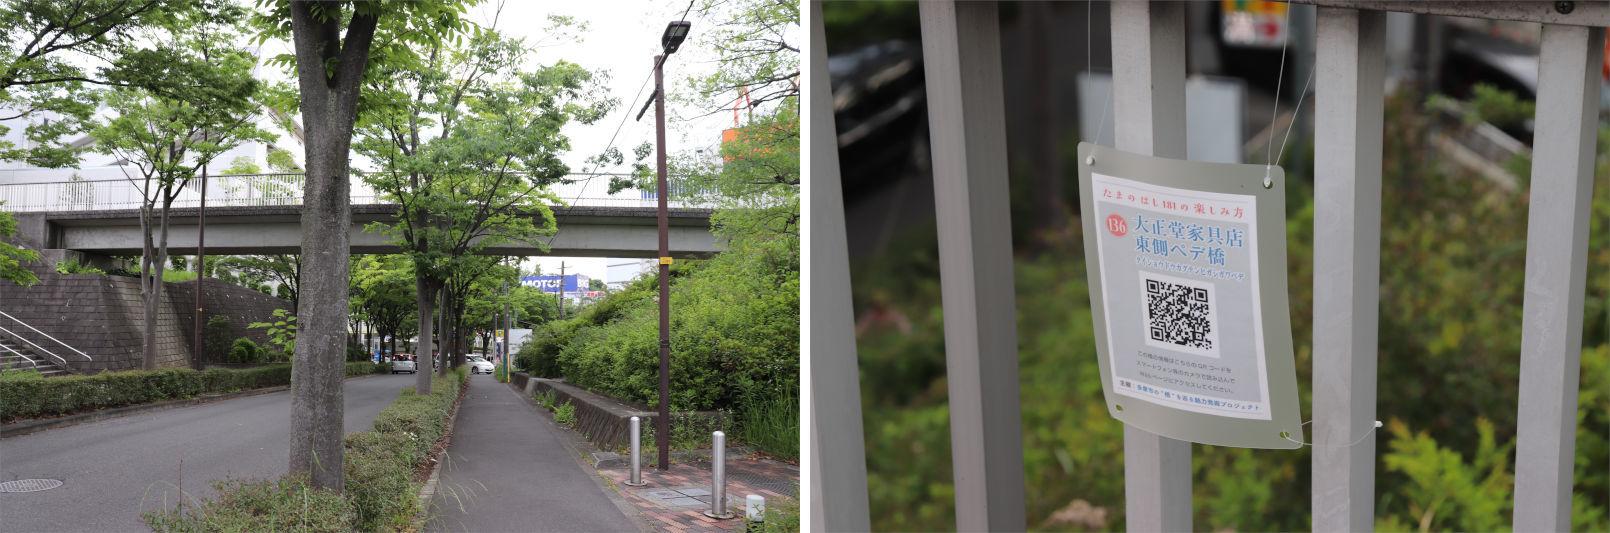 [多摩NTの橋ぜんぶ撮影PJ] No.91~96 卸売市場付近の橋_a0332275_23202997.jpg